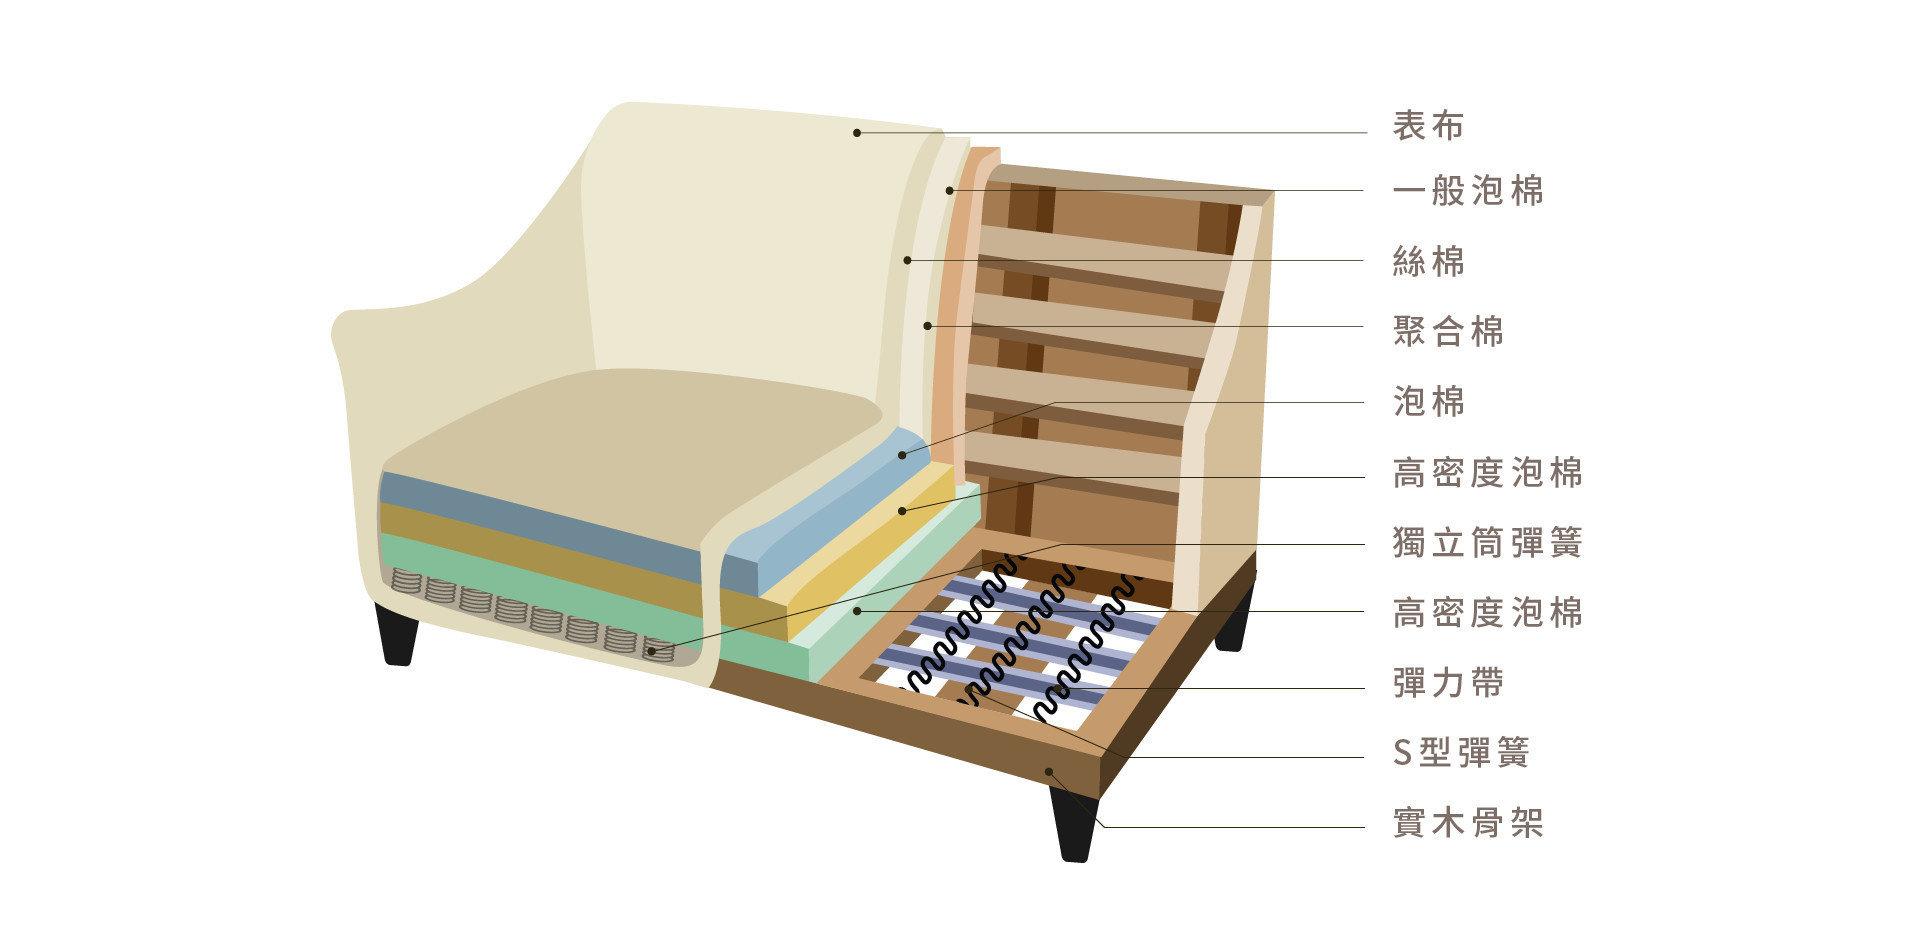 凱爾沙發內材結構高密度泡棉、獨立筒、S型彈簧、柳安木實木